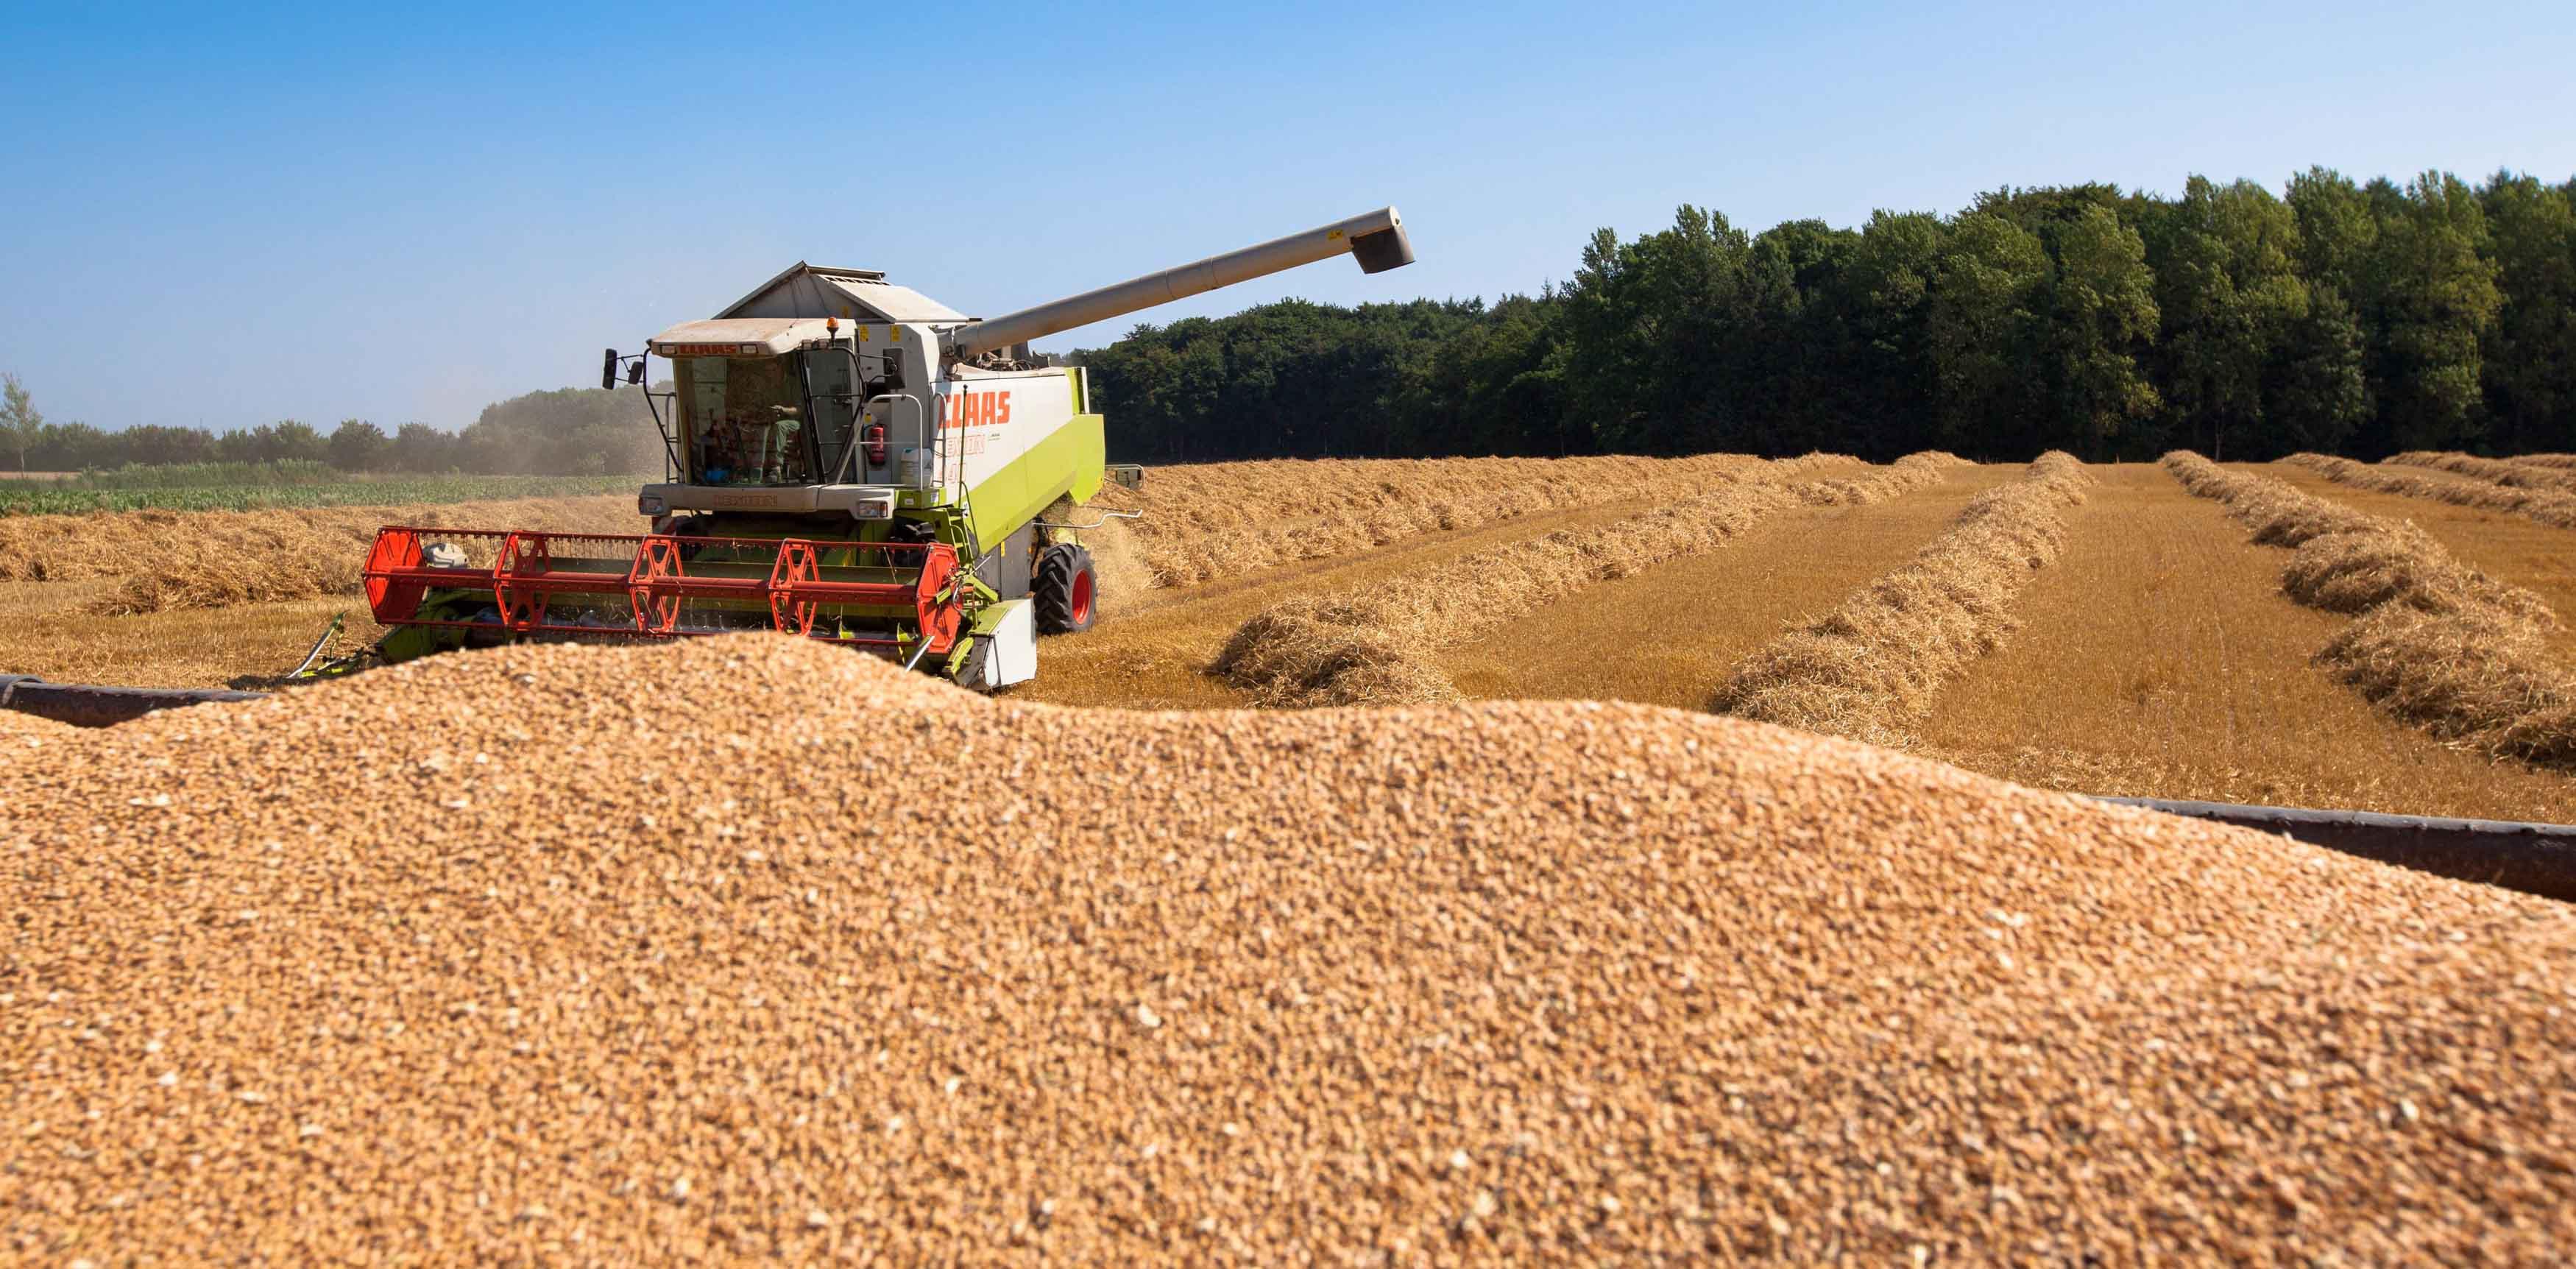 Bei der Getreideernte gab es große Standortunterschiede. Nach dem Spitzenerntewetter droht der Mais stellenweise zu verkümmern. Es fehlt Regen.